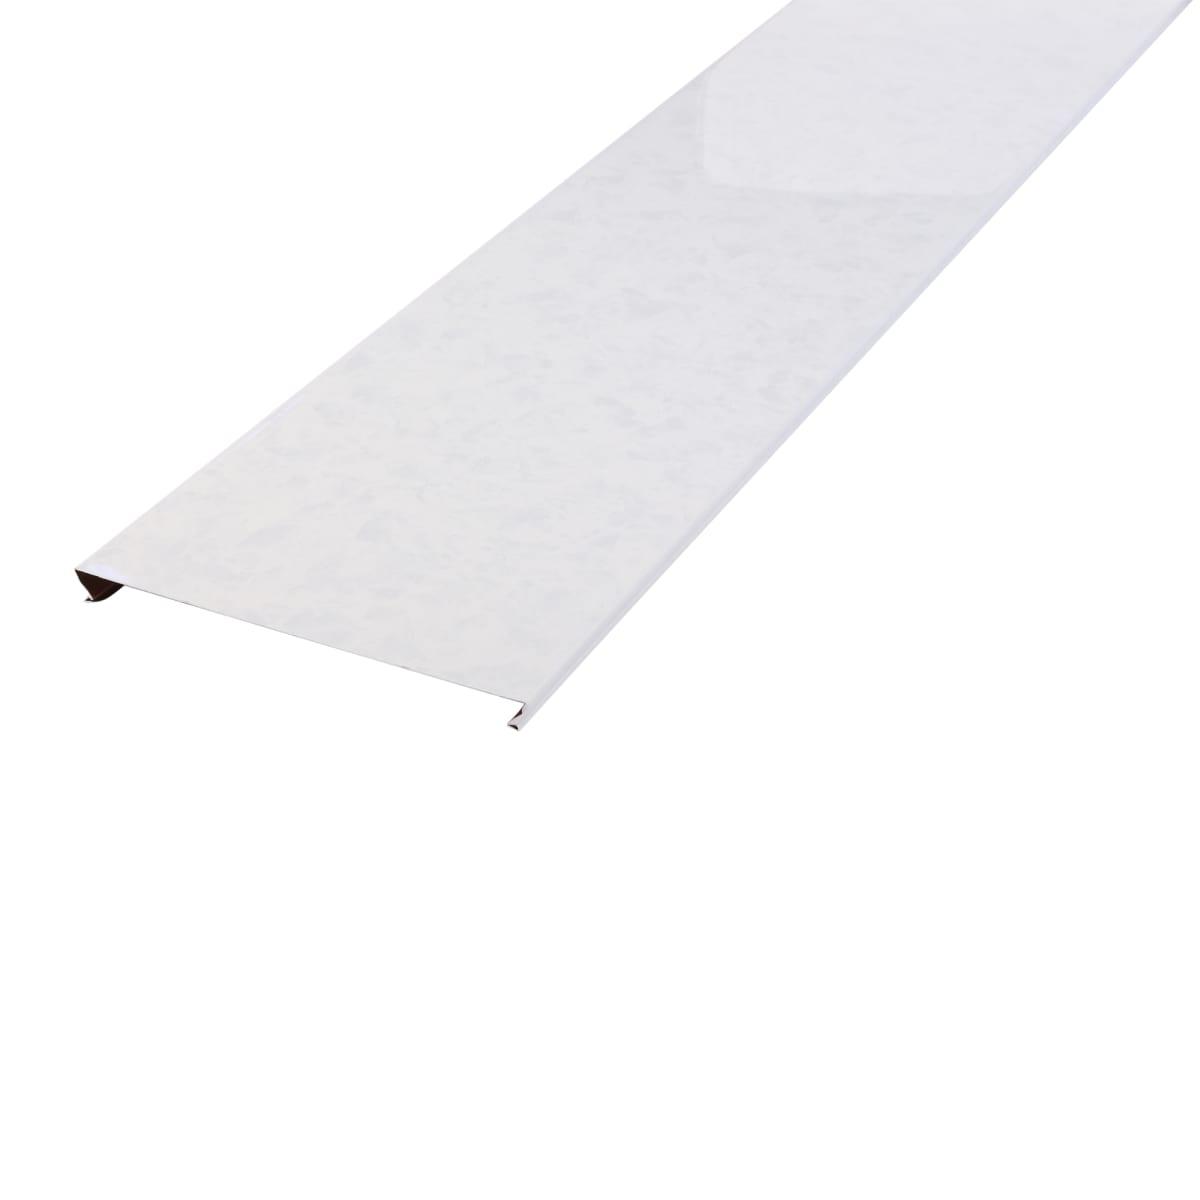 Набор реек 3х1.05 м цвет белый мрамор